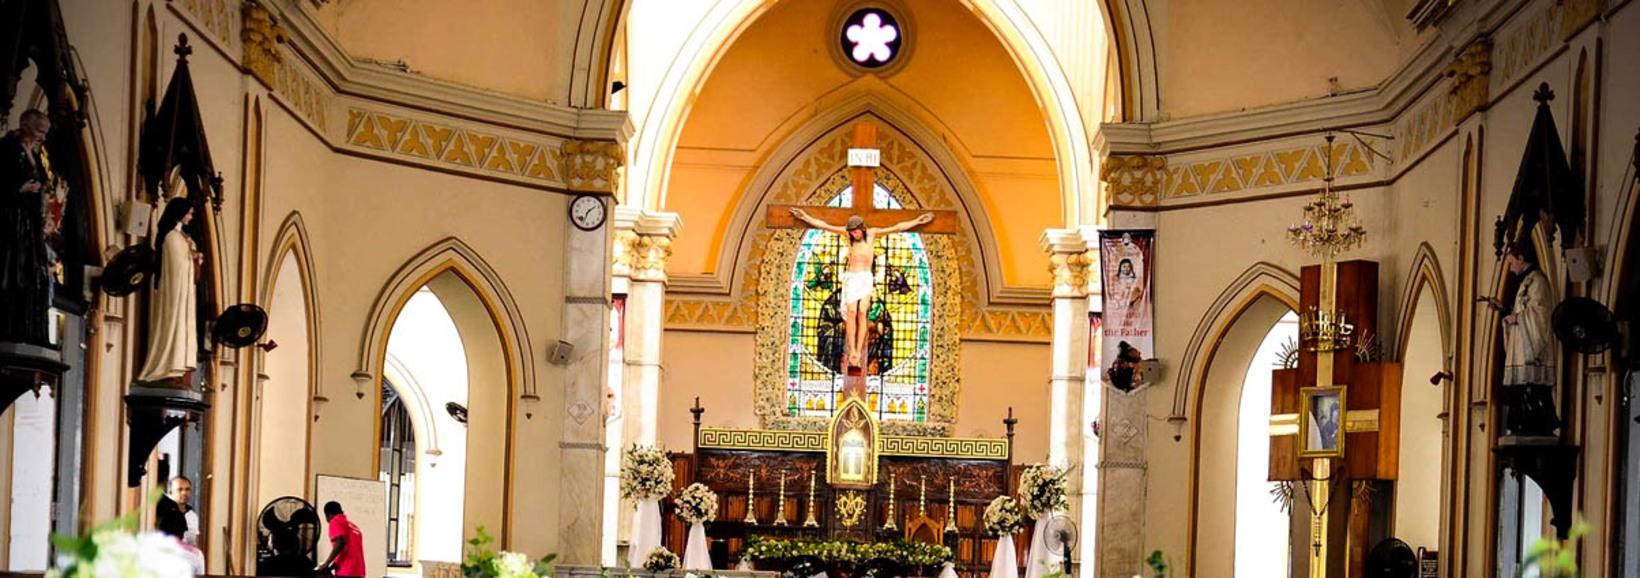 All Saints' Church, Borella